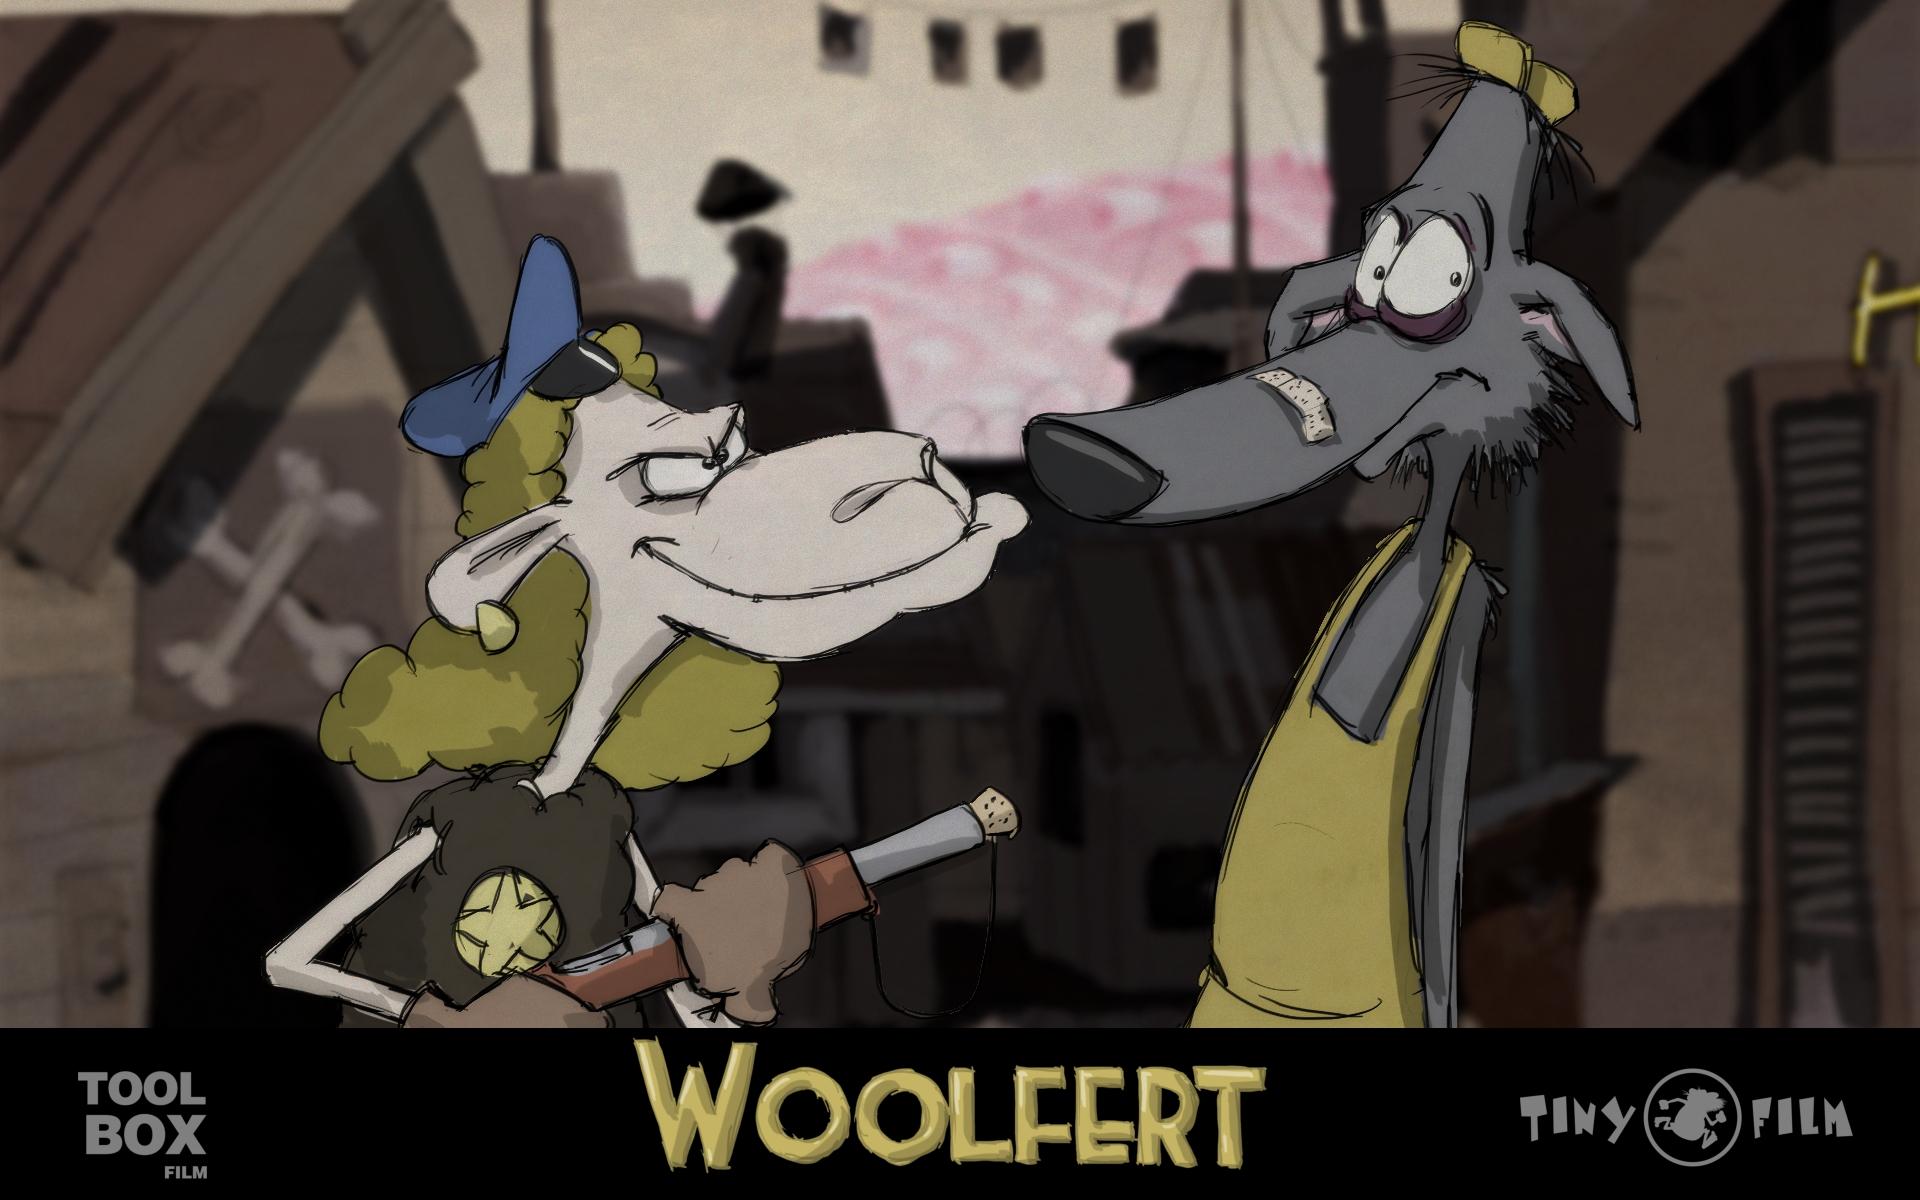 Woolfert